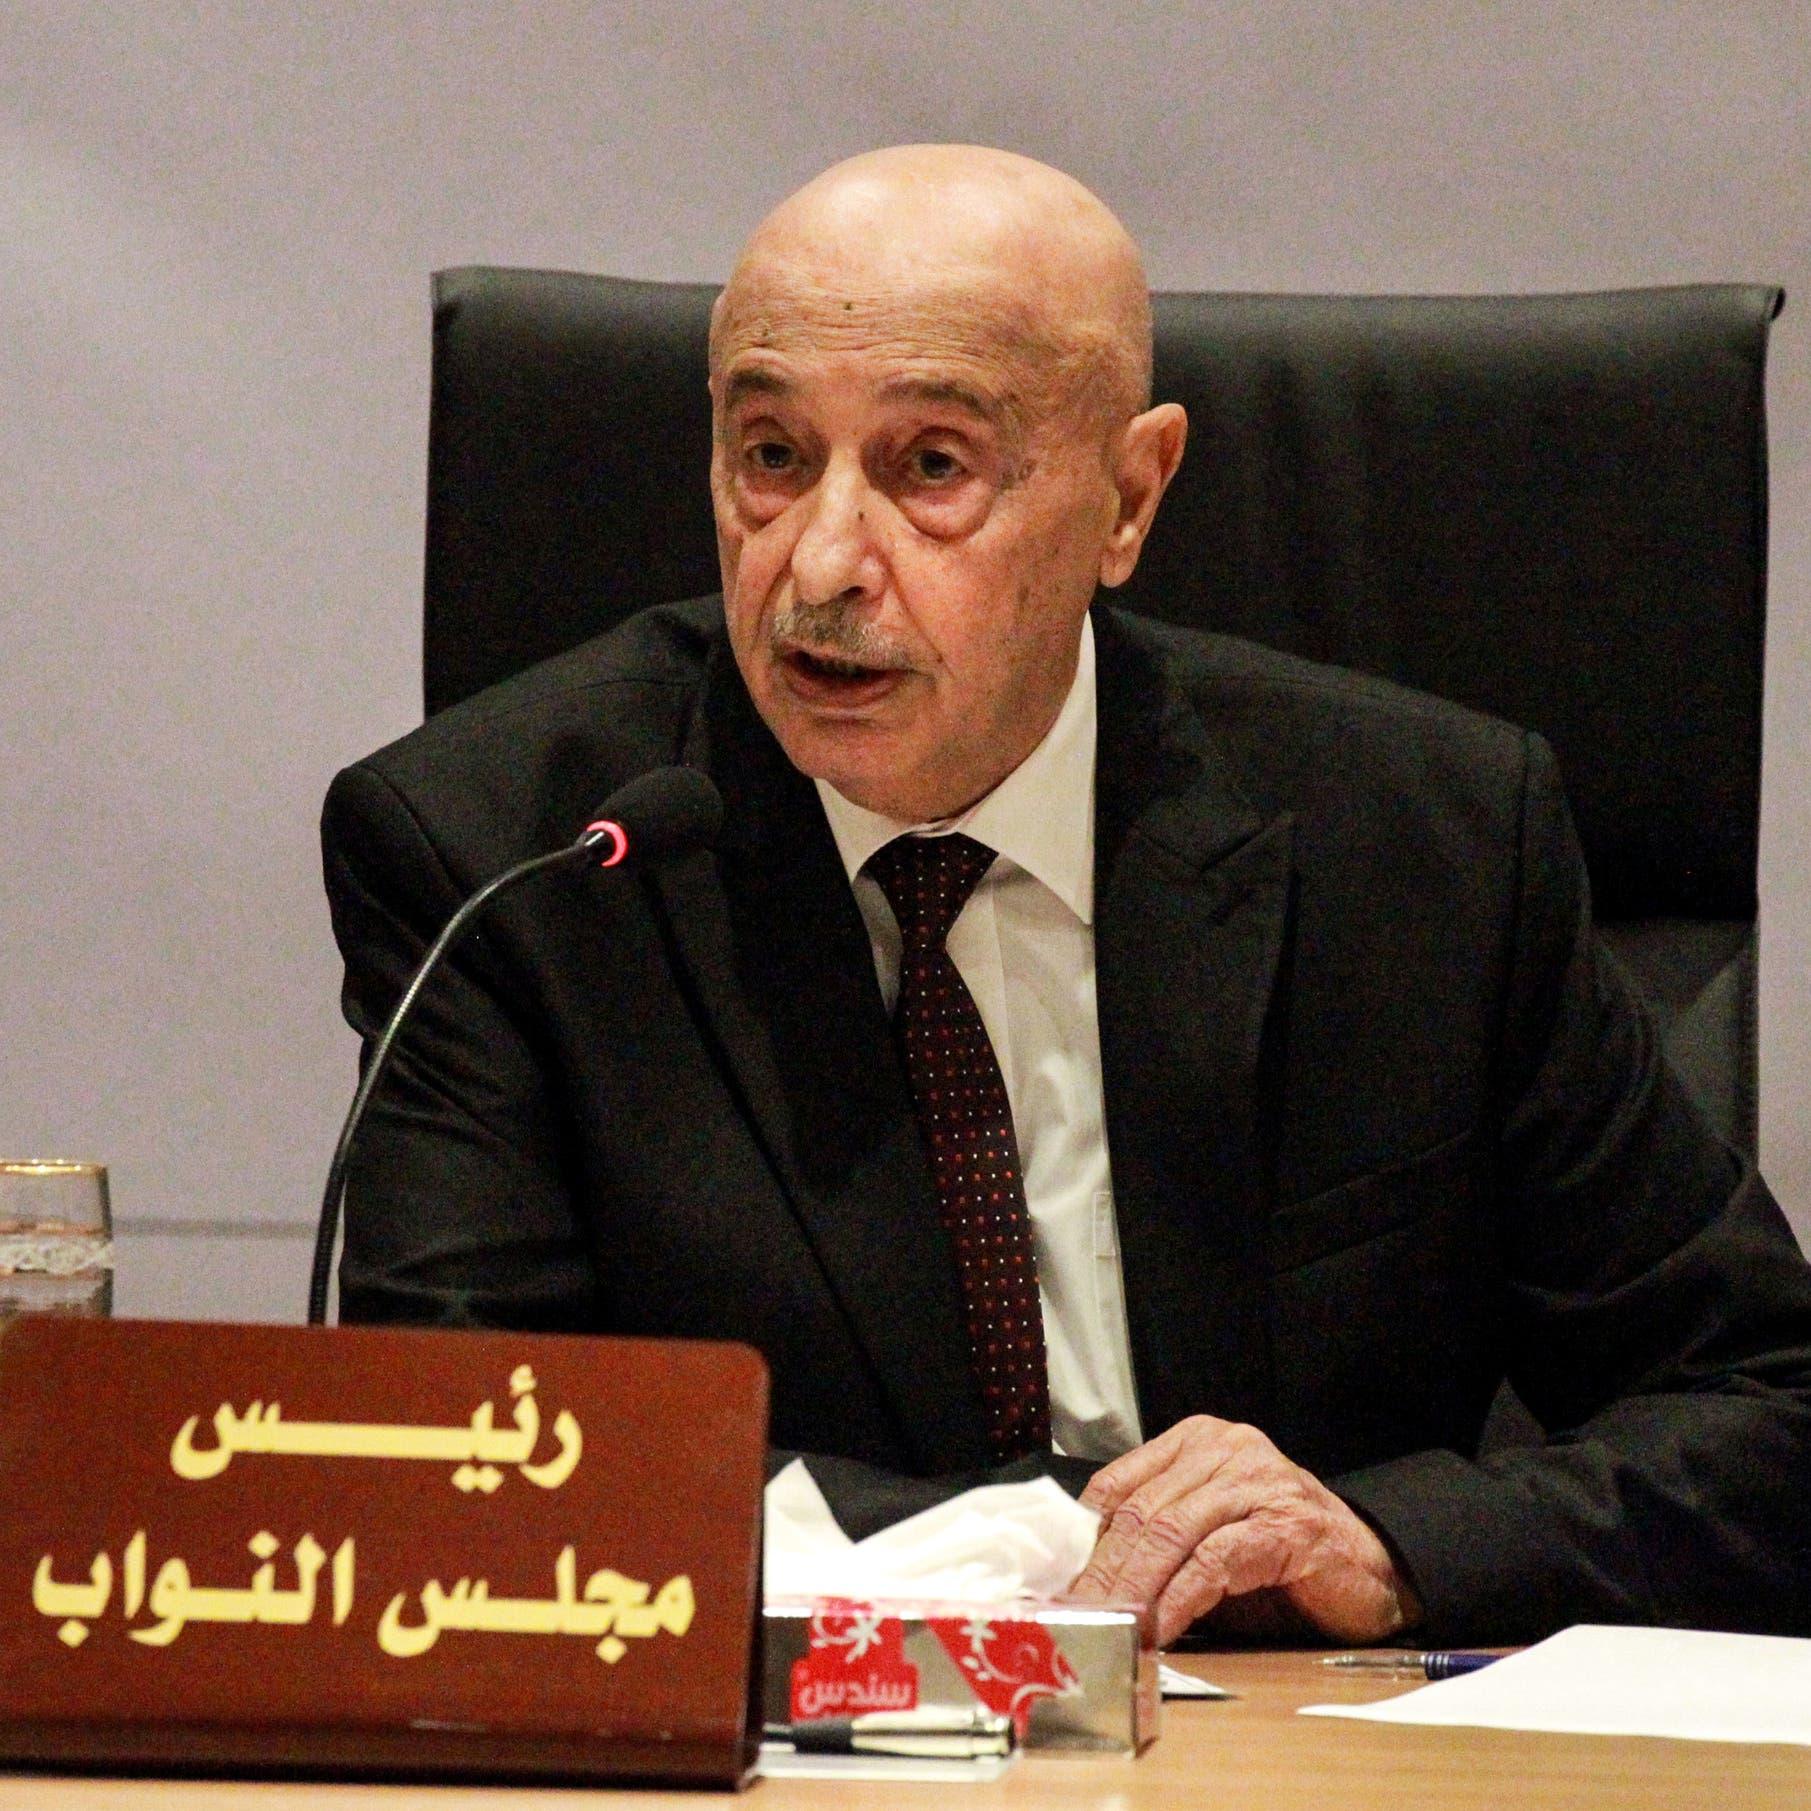 عقيلة صالح يطالب باستنكار عربي لإرسال مرتزقة إلى طرابلس